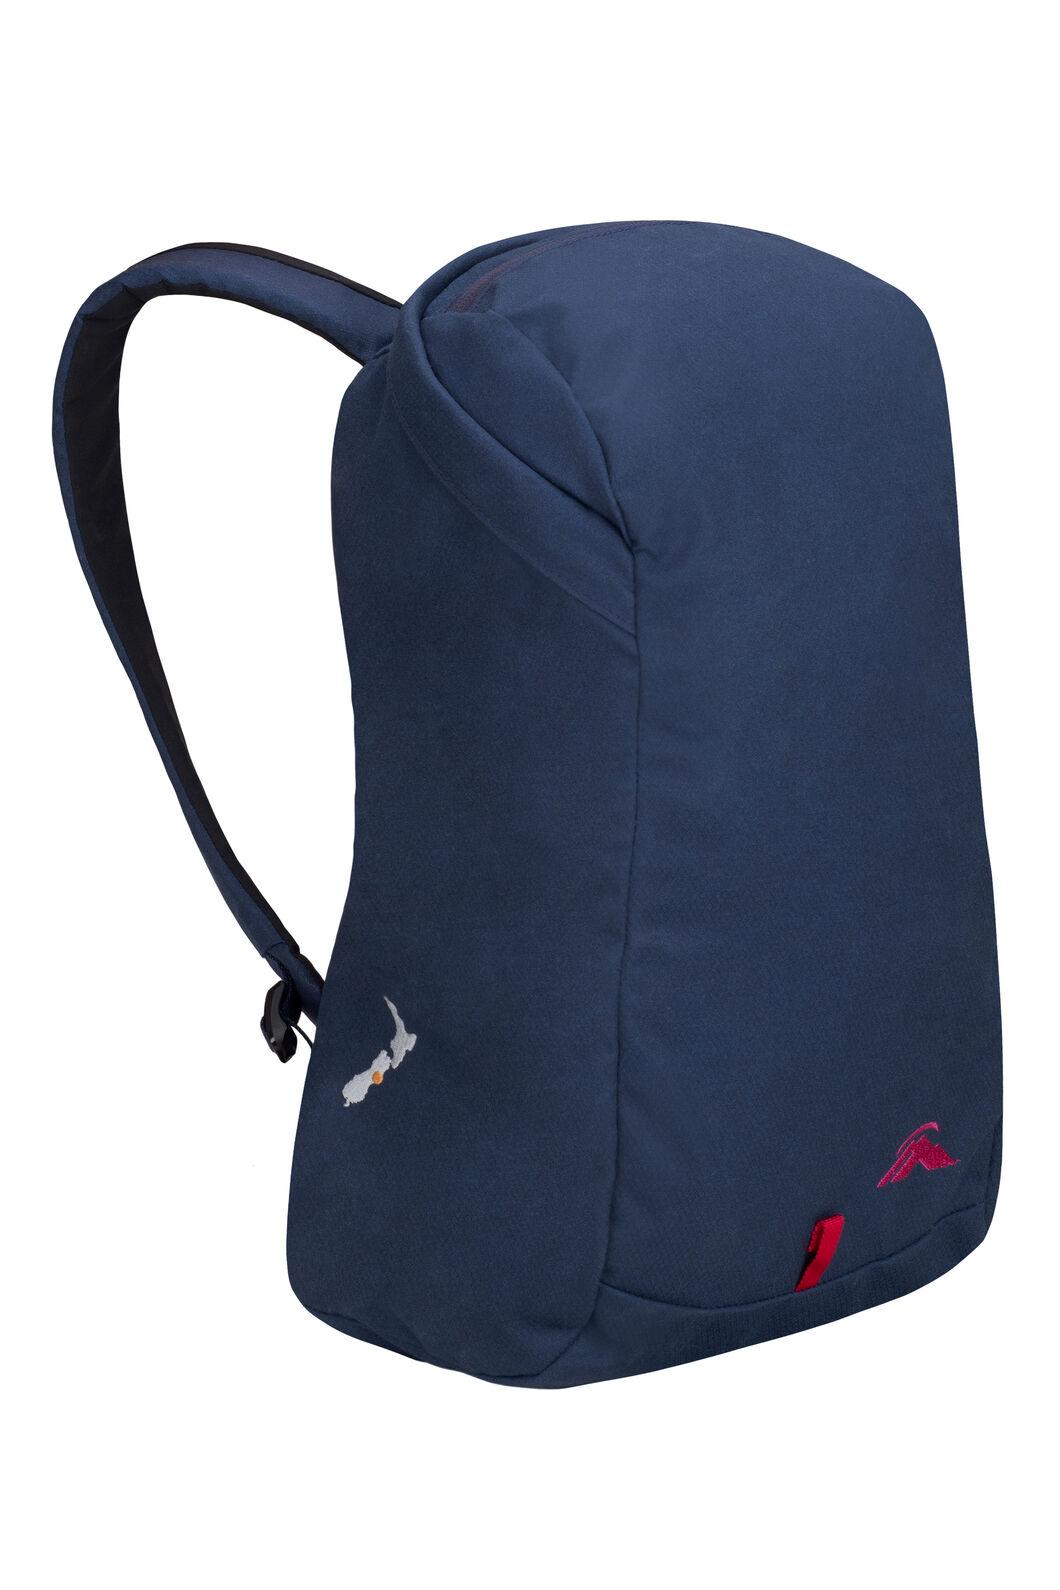 Macpac Piko Aztec® 13L Pack, Black Iris, hi-res